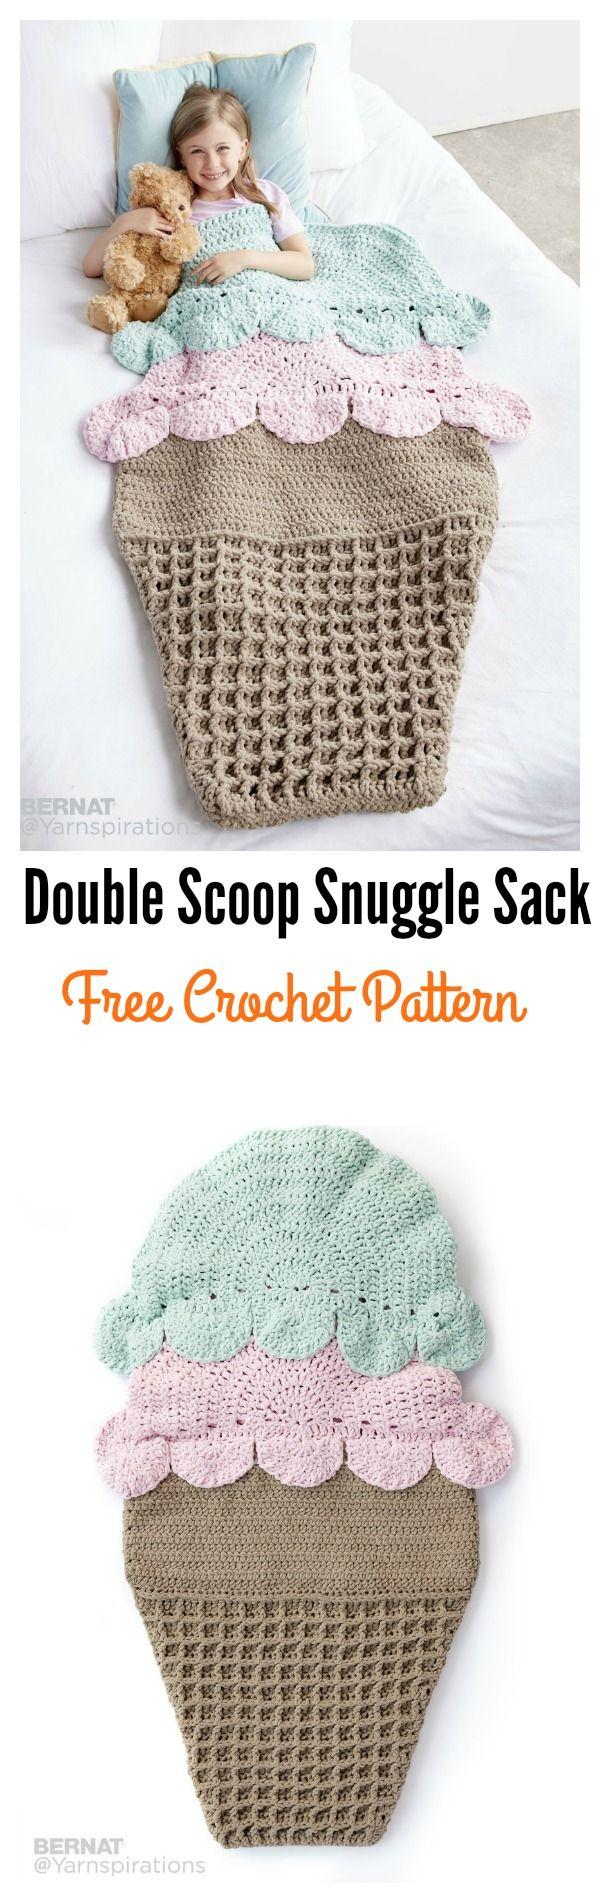 Crochet Double Scoop Snuggle Sack Free Pattern | Häkeln, Decken und ...